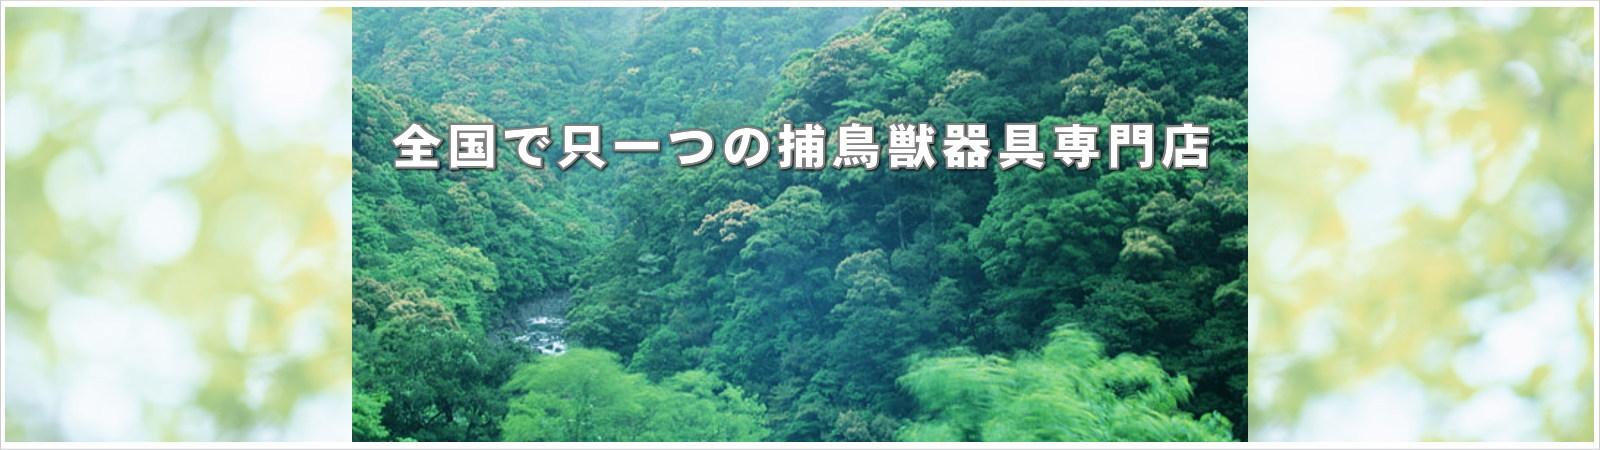 中京銃砲火薬店、名古屋市、捕鳥獣器具専門店、猟、罠